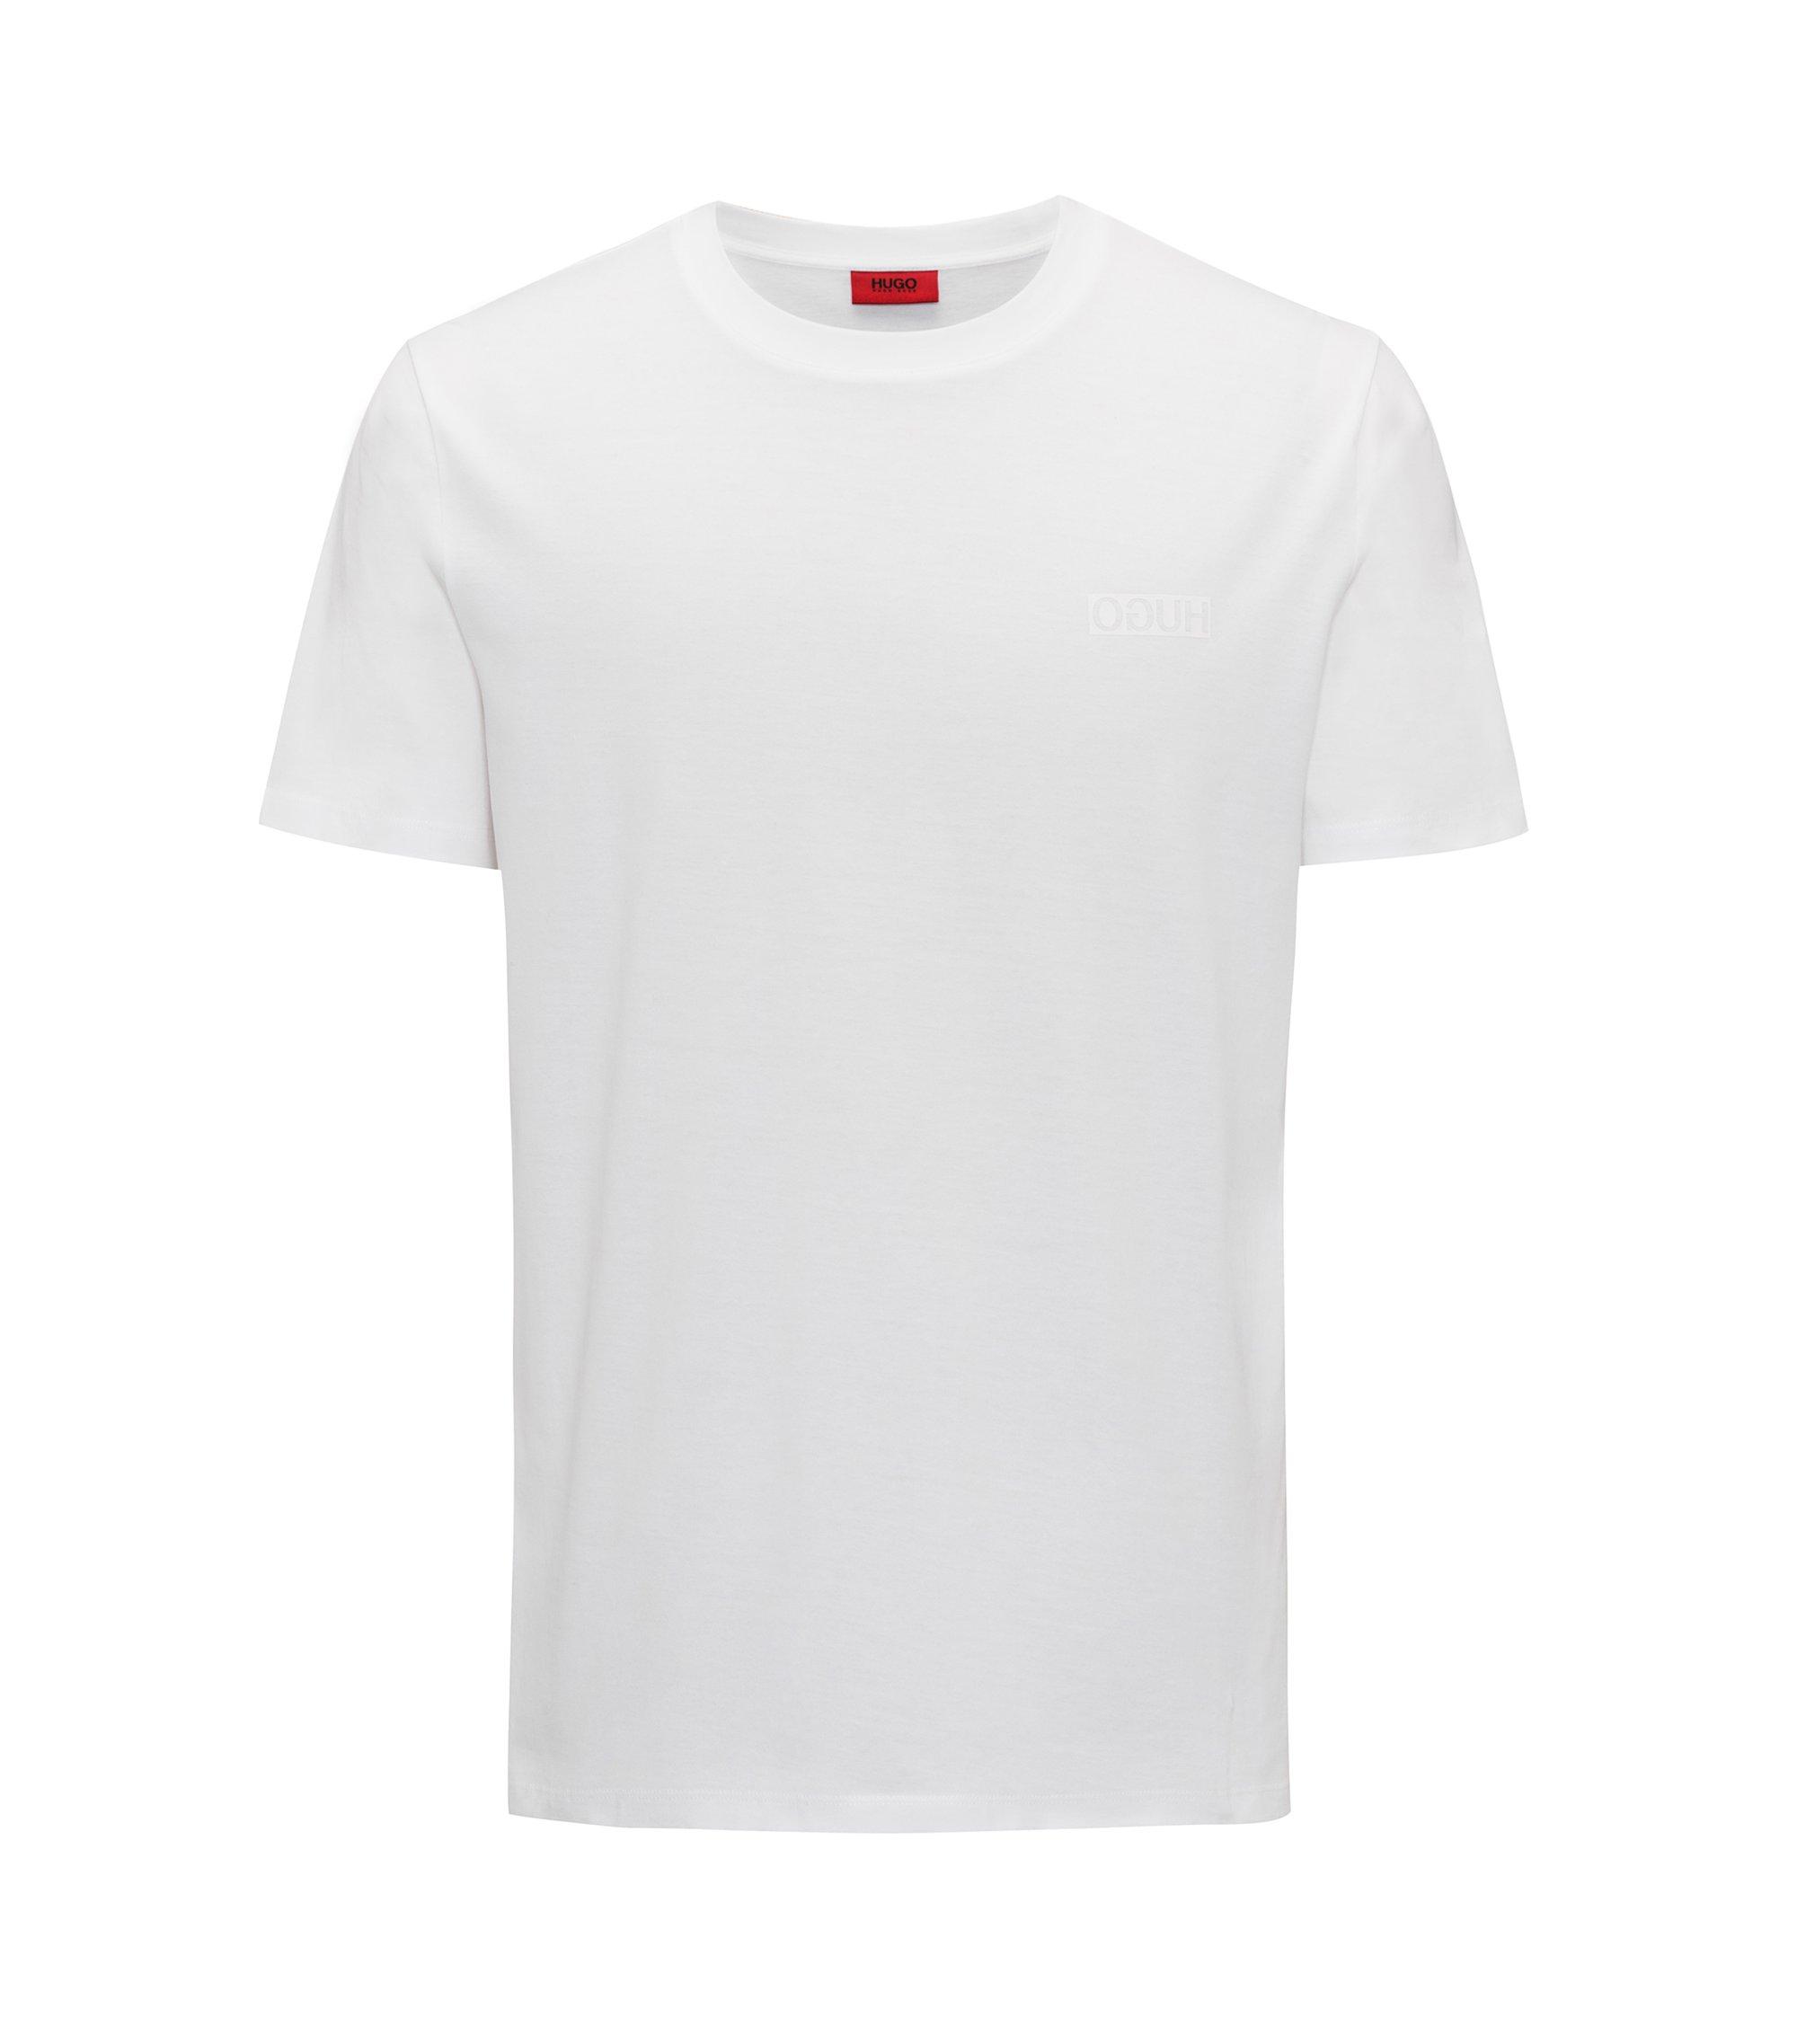 Camiseta de corte extragrande en punto de algodón con logo invertido, Blanco